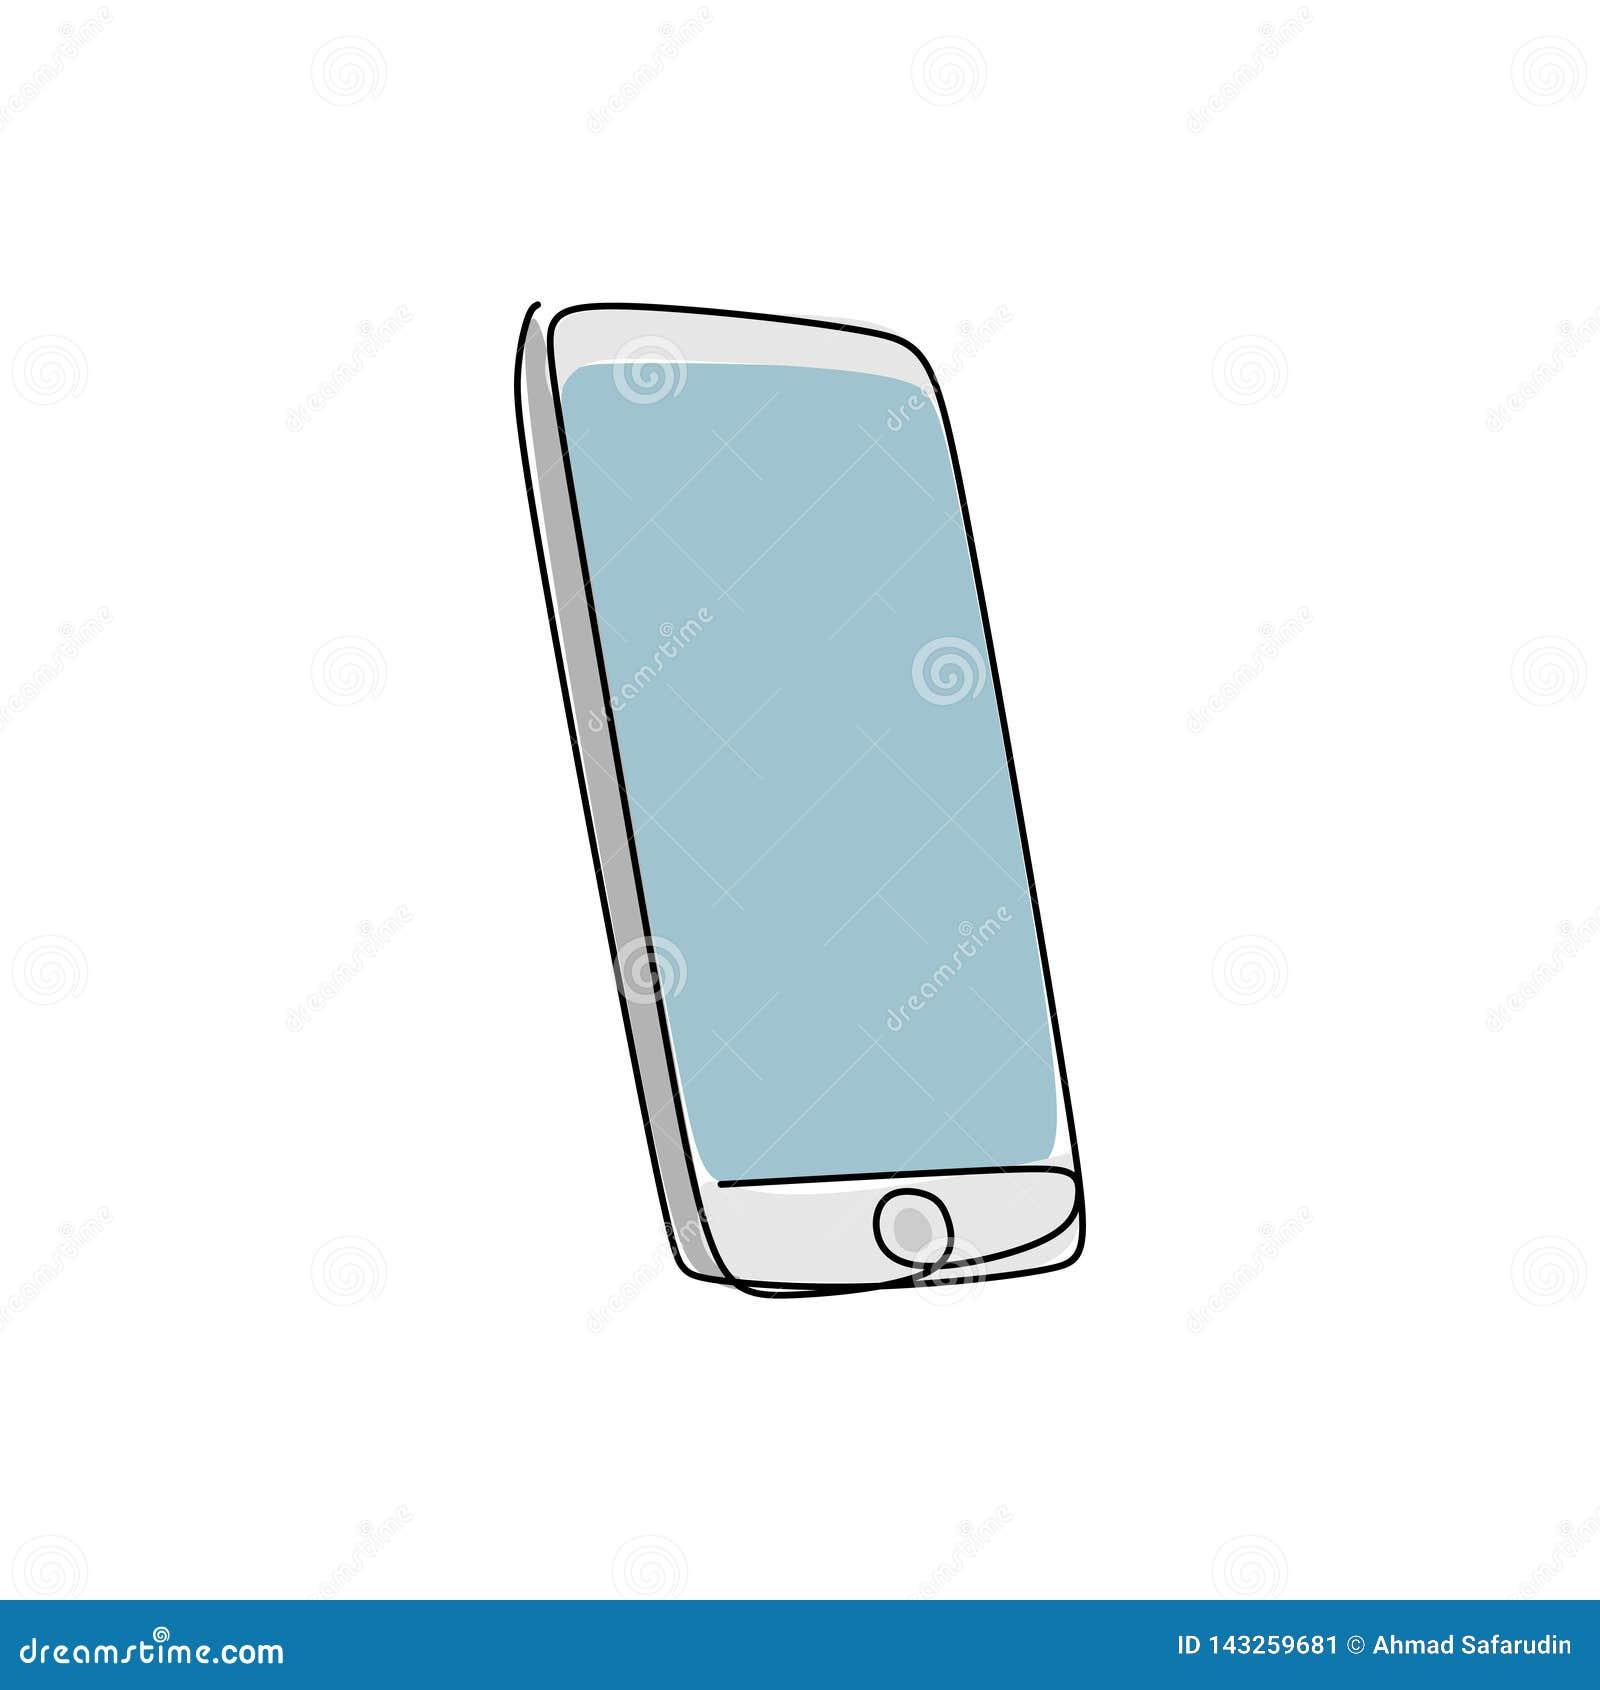 Ciągły kreskowy rysunek komunikacja mobilna przyrząda